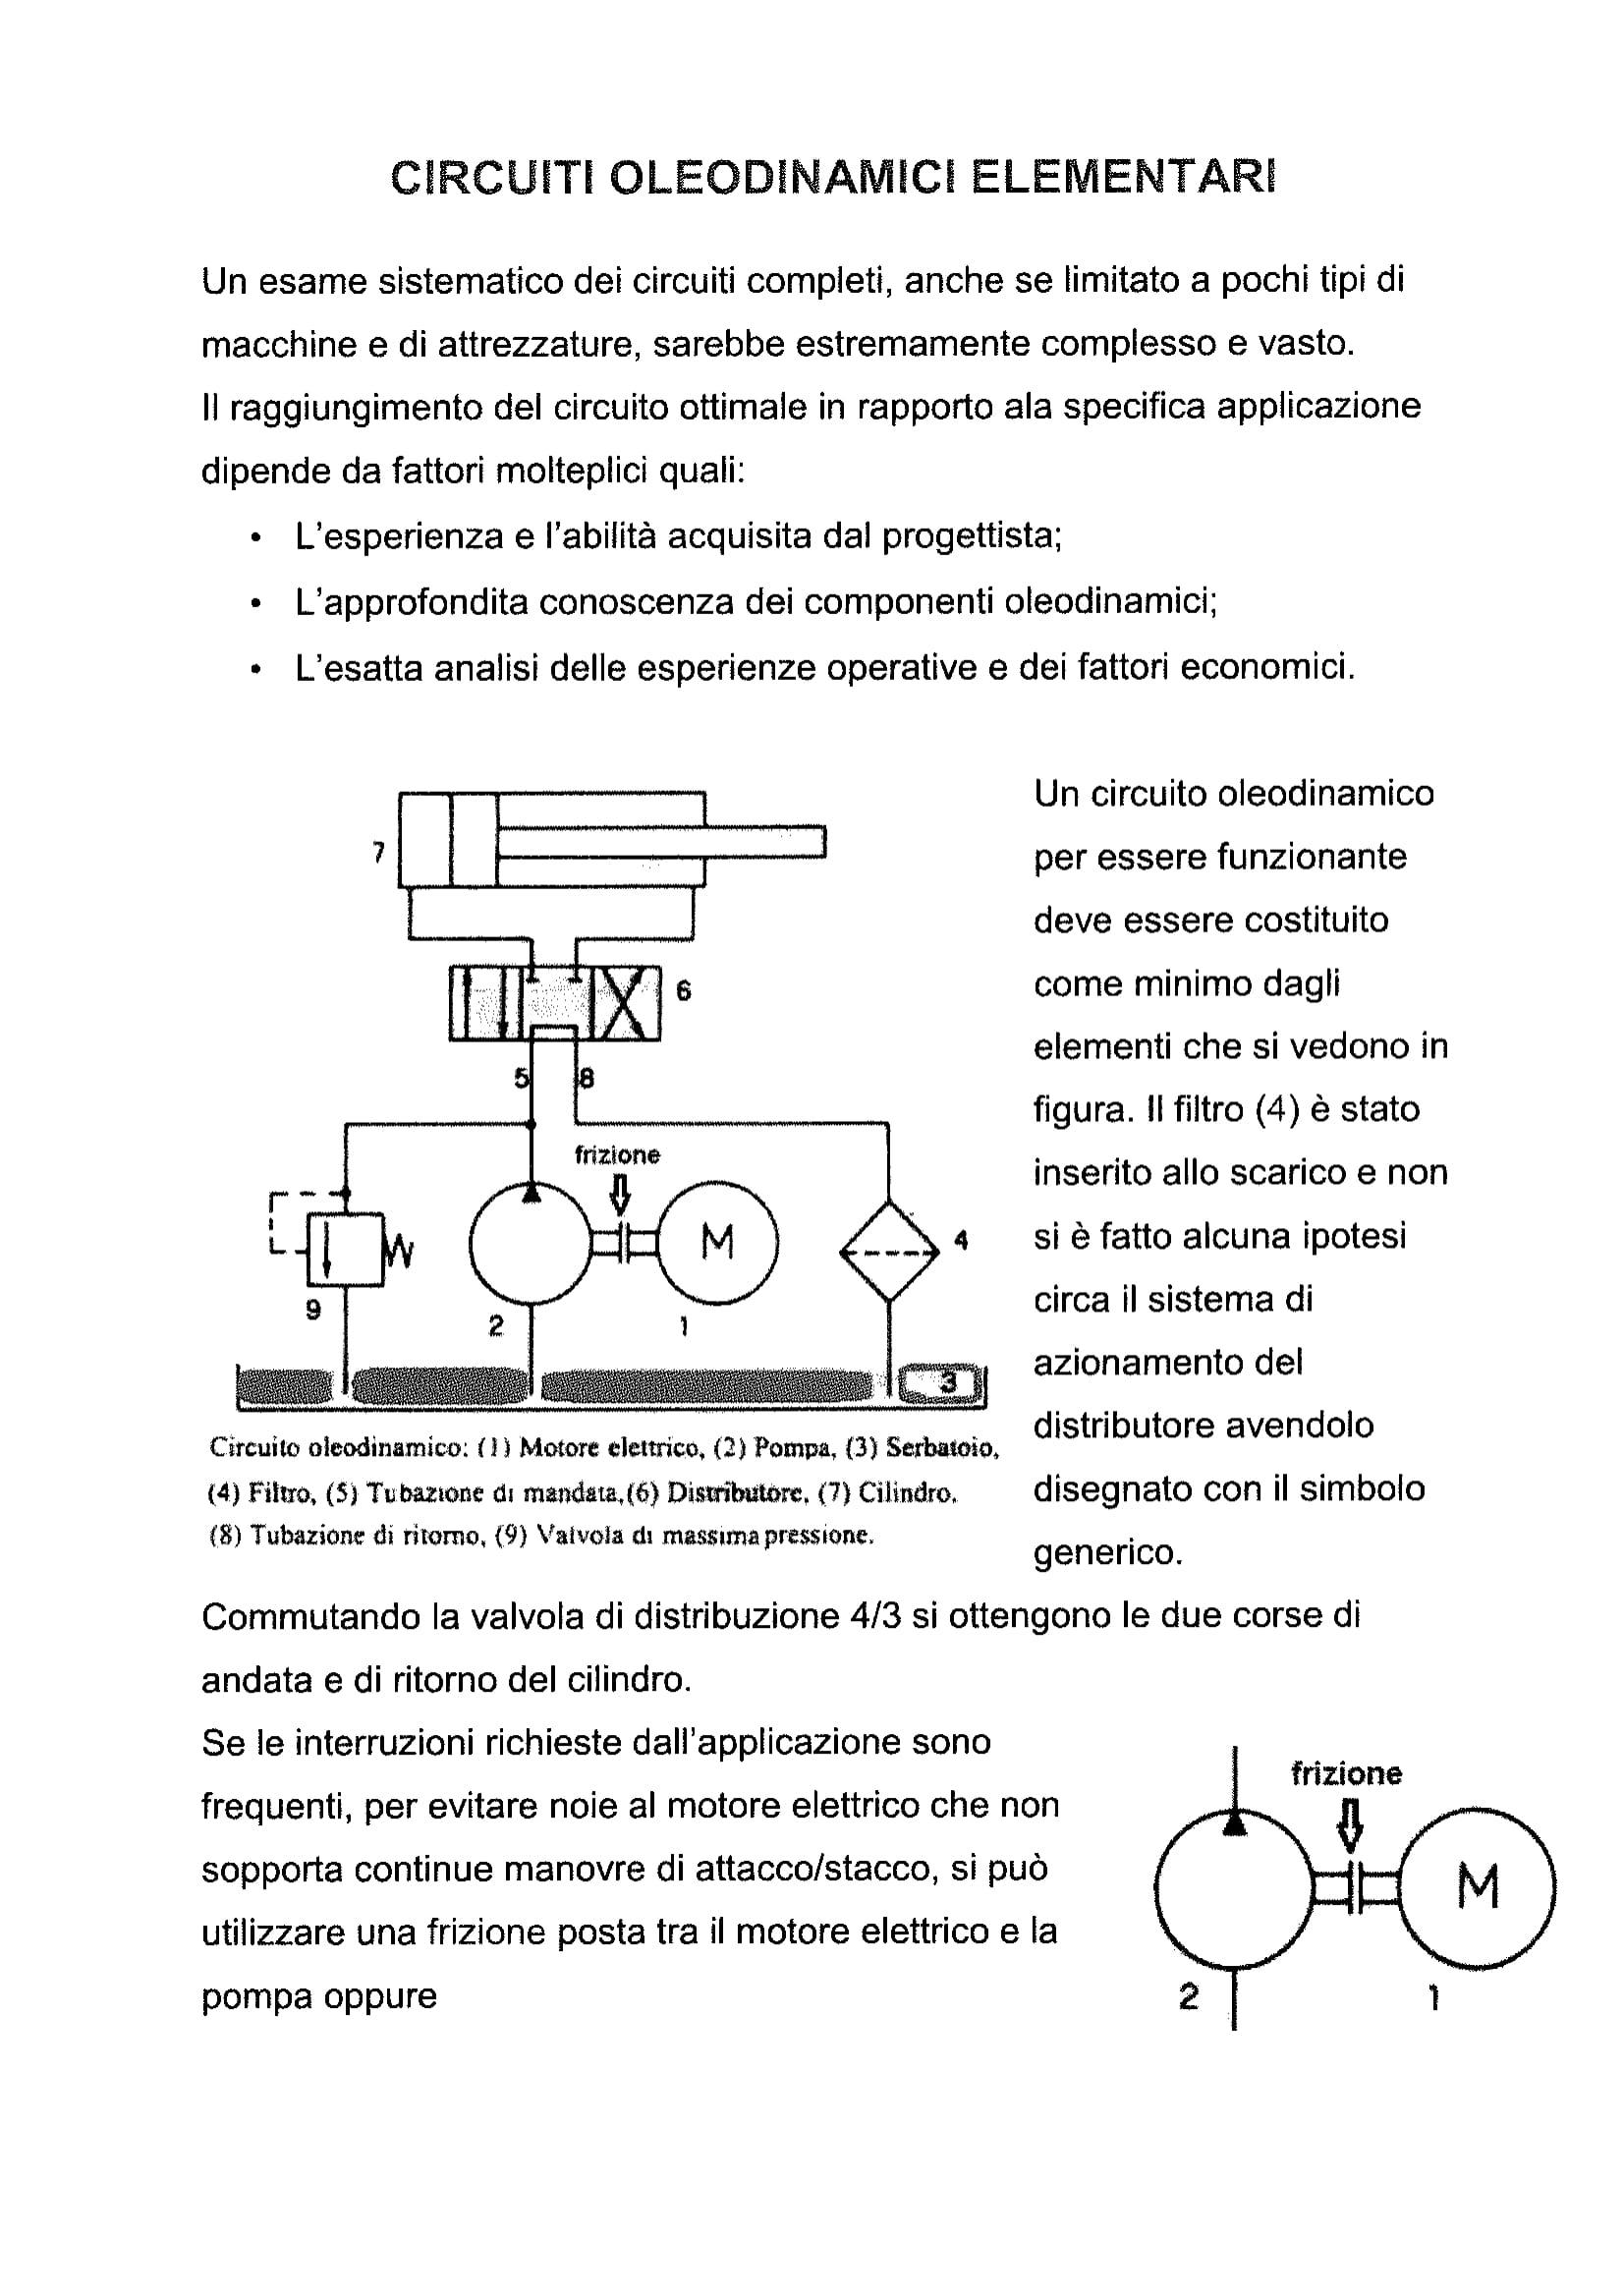 Corso di base sull'oleodinamica navale-06